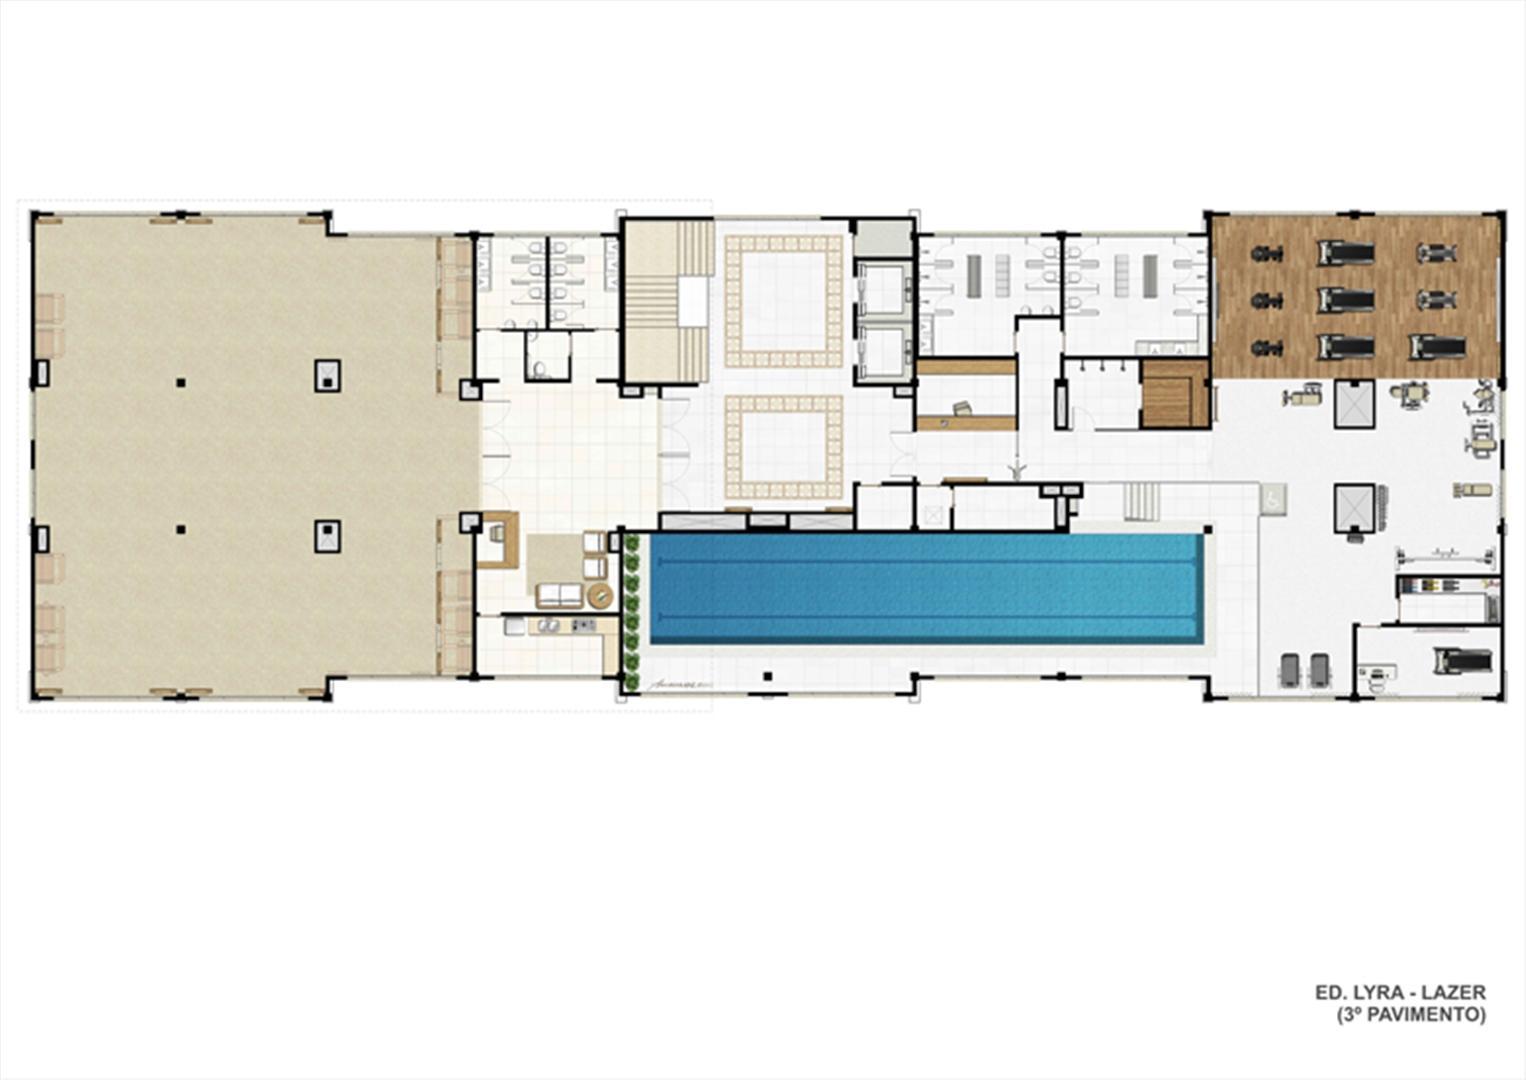 Planta ilustrativa Ed. Lyra - Lazer (3º pavimento)  | Universe Empresarial – Salas Comerciais na  Barra da Tijuca - Rio de Janeiro - Rio de Janeiro